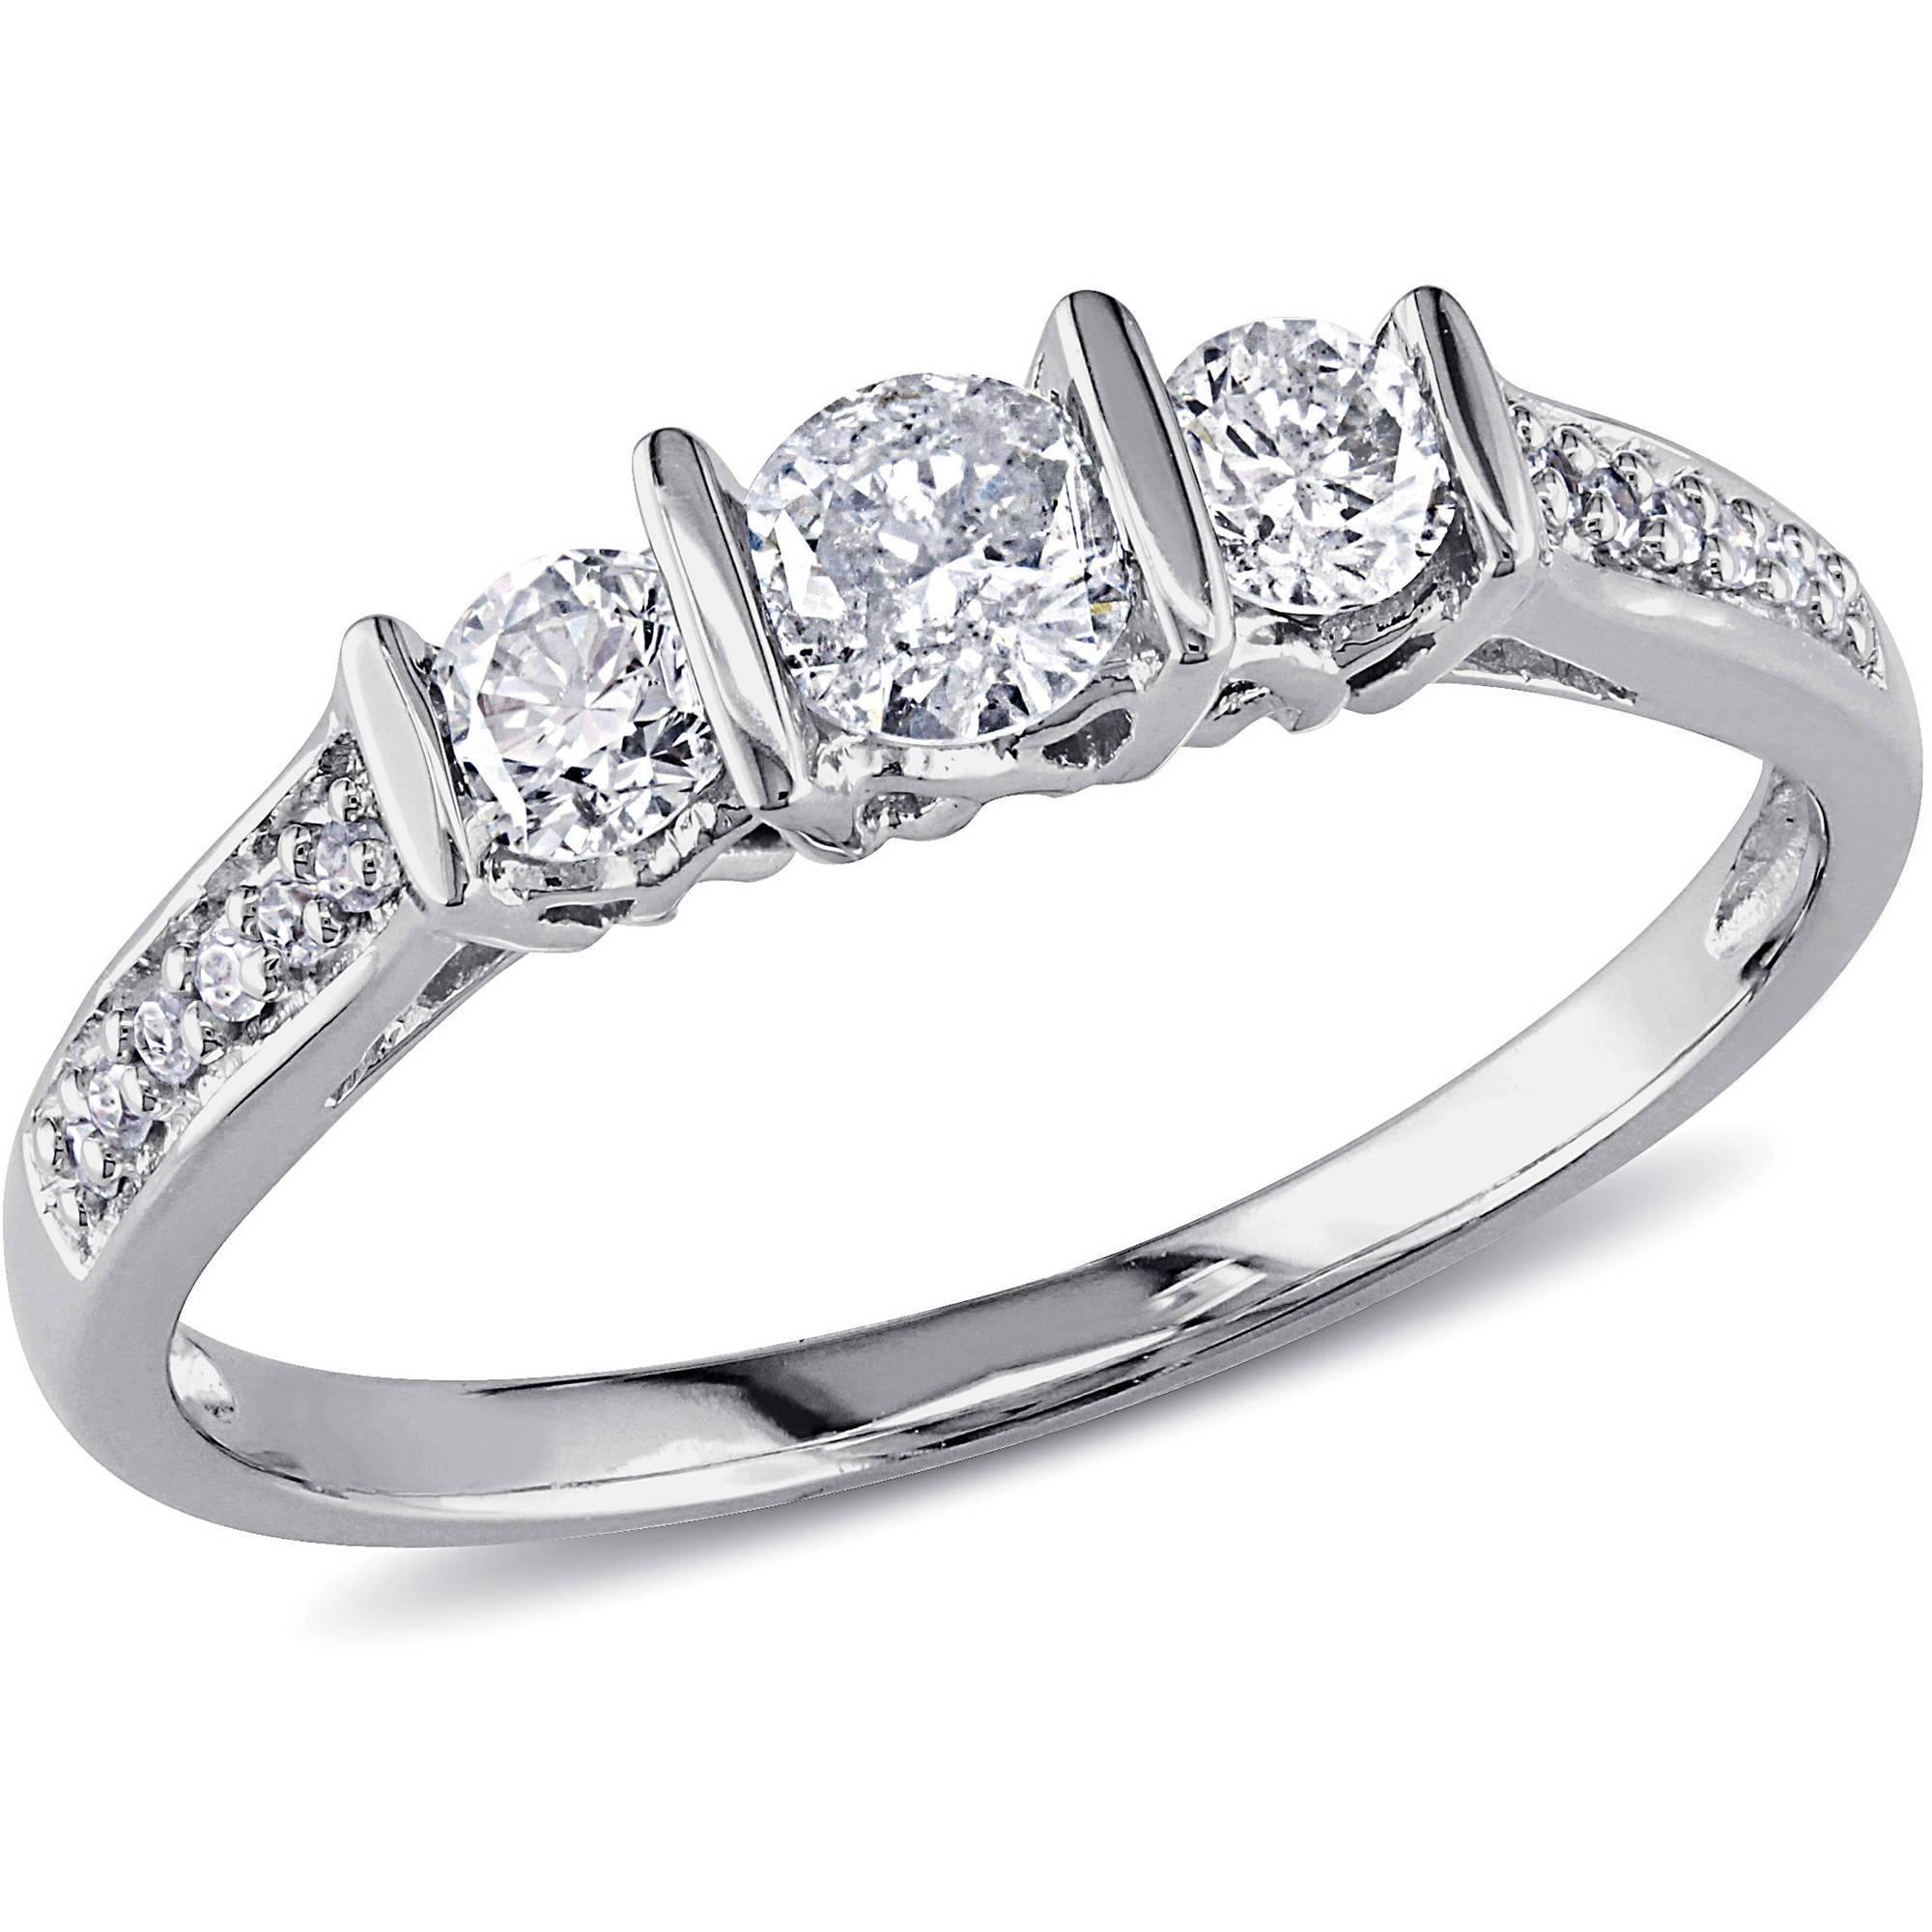 Keepsake Diamond Rings With Regard To Walmart Mens Engagement Rings (Gallery 14 of 15)